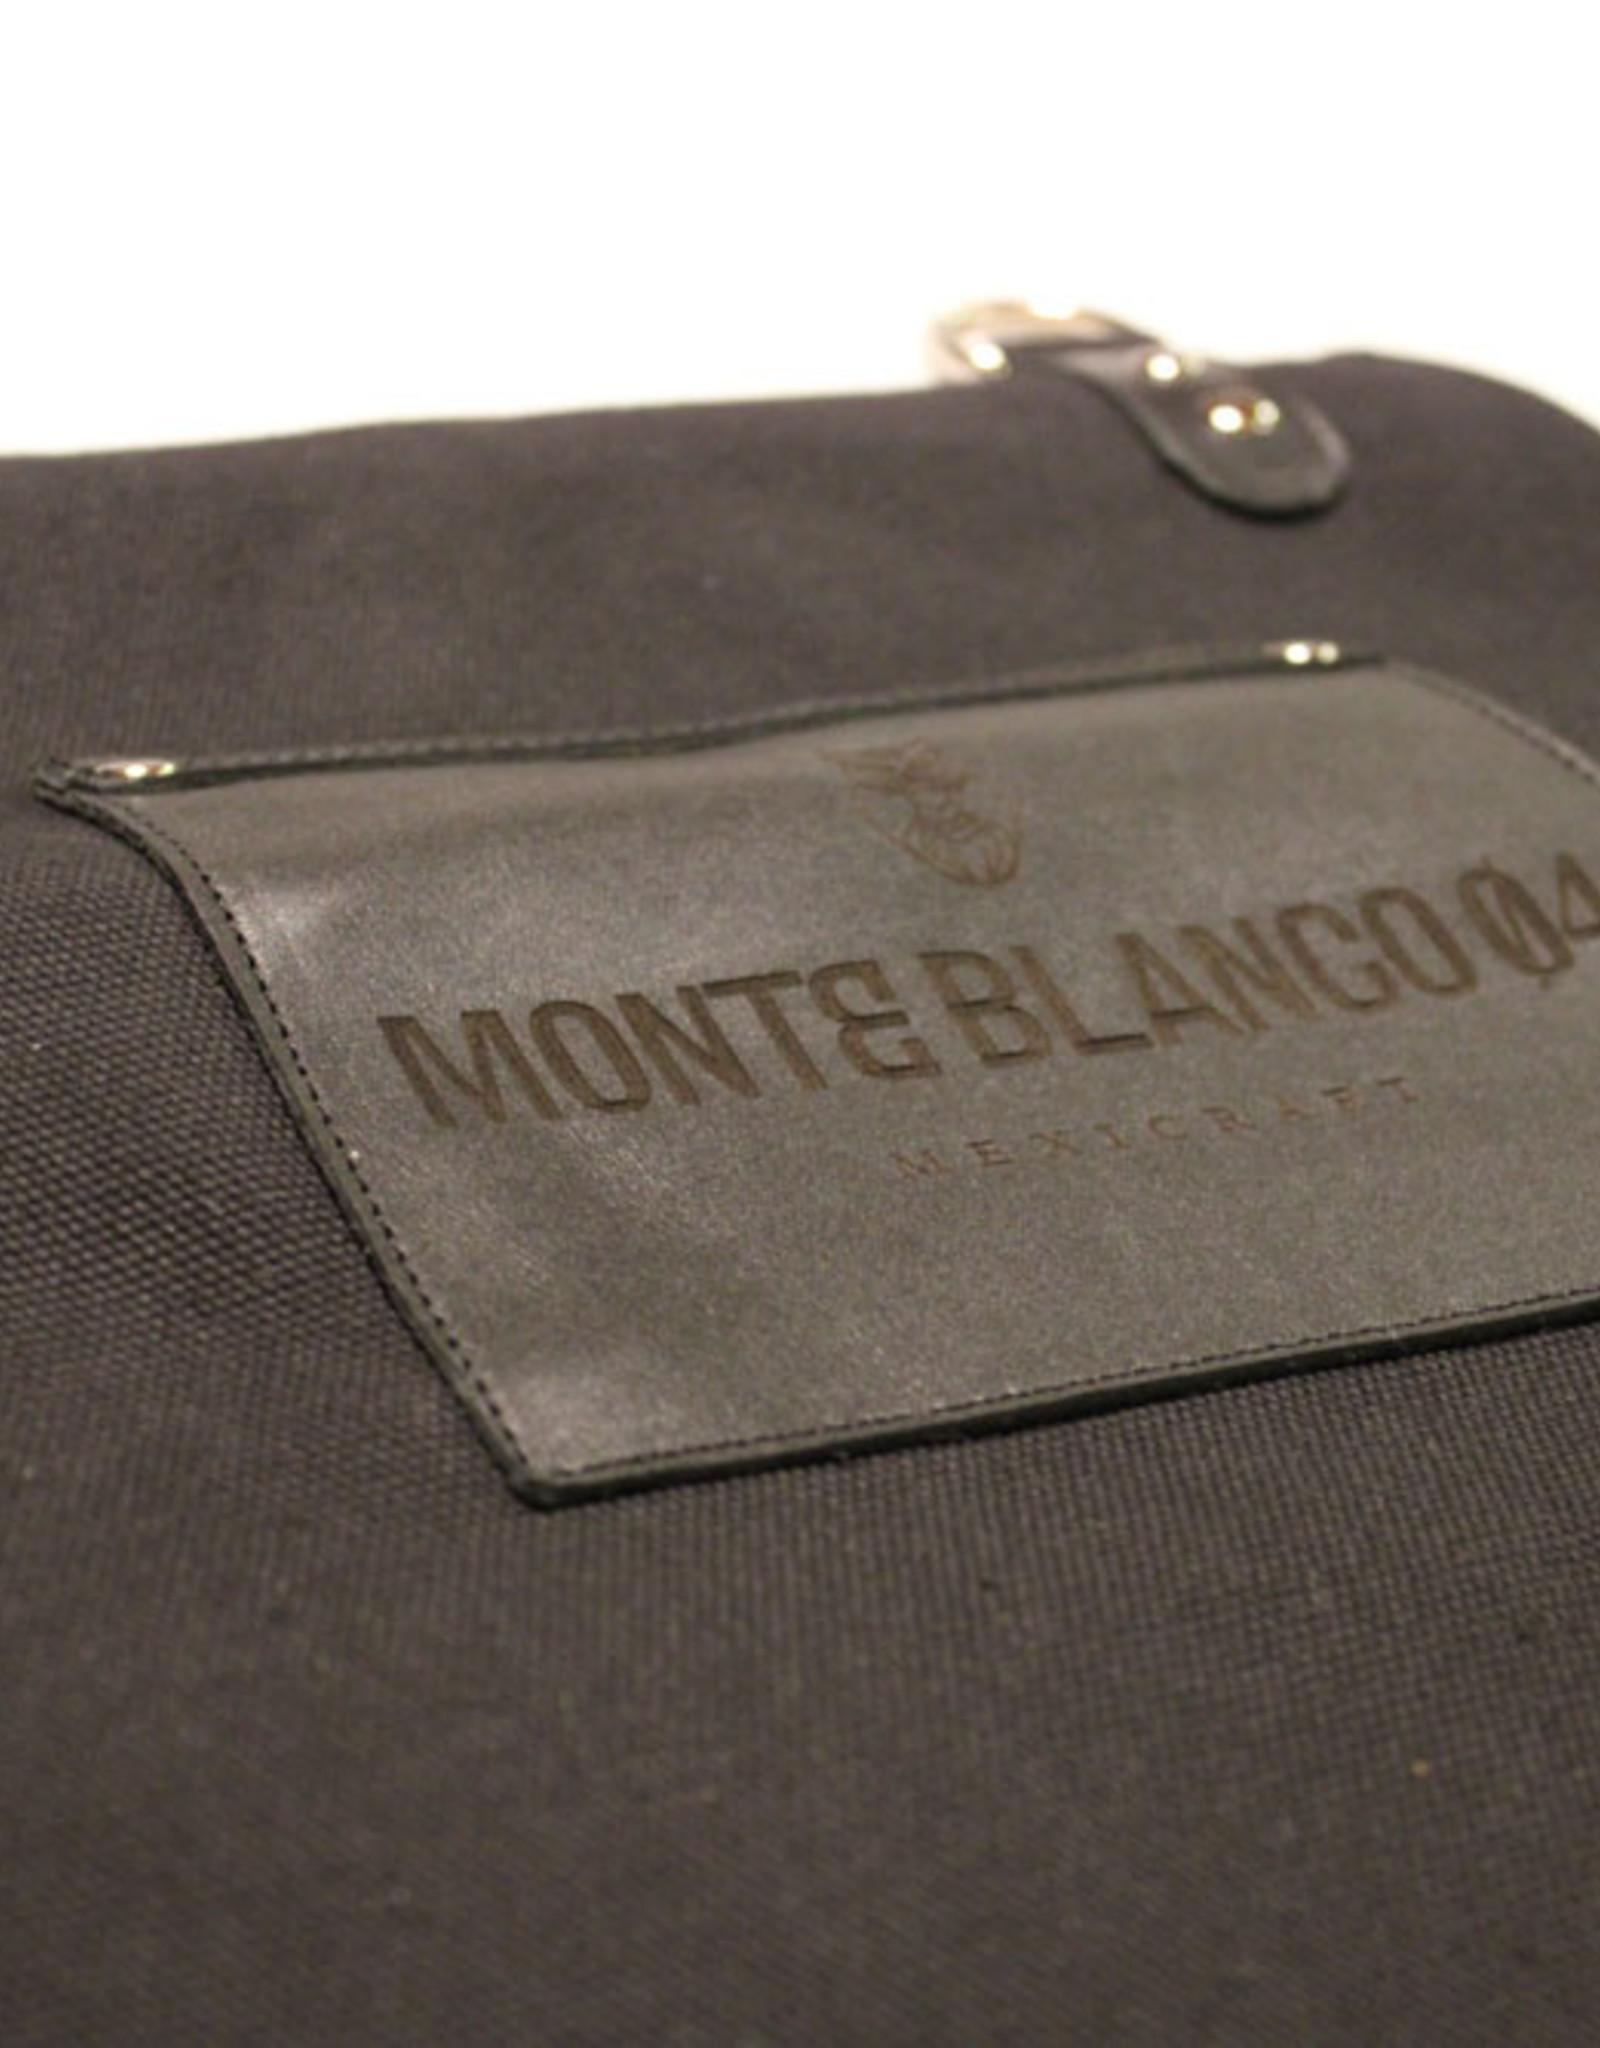 MONTE BLANCO 04 APRON CANVAS Y PIEL NEGRO, MONTE BLANCO 06